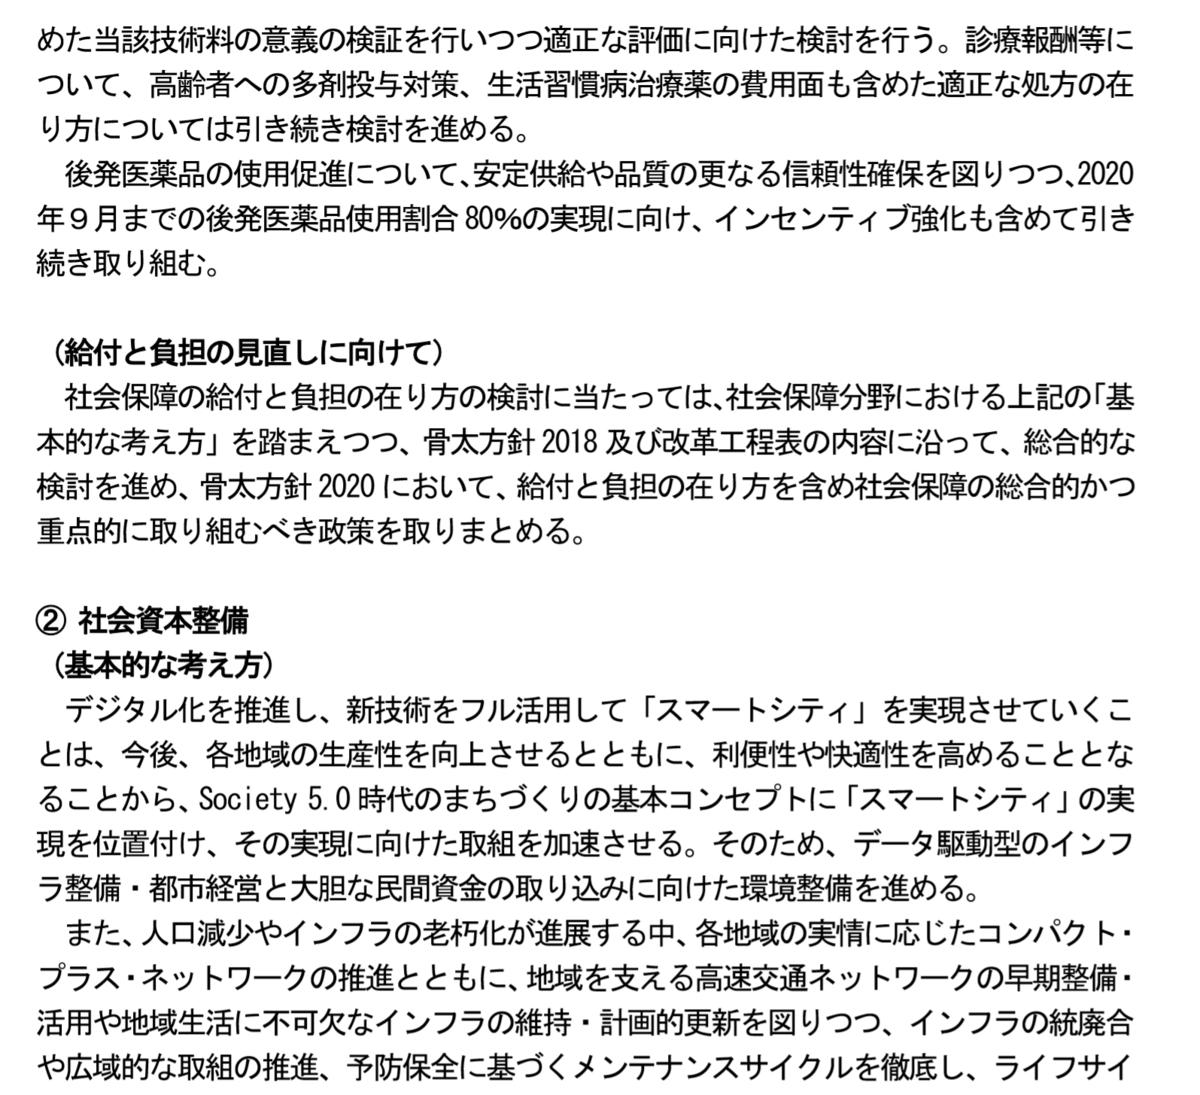 f:id:kaikakujapan:20190624180315p:plain